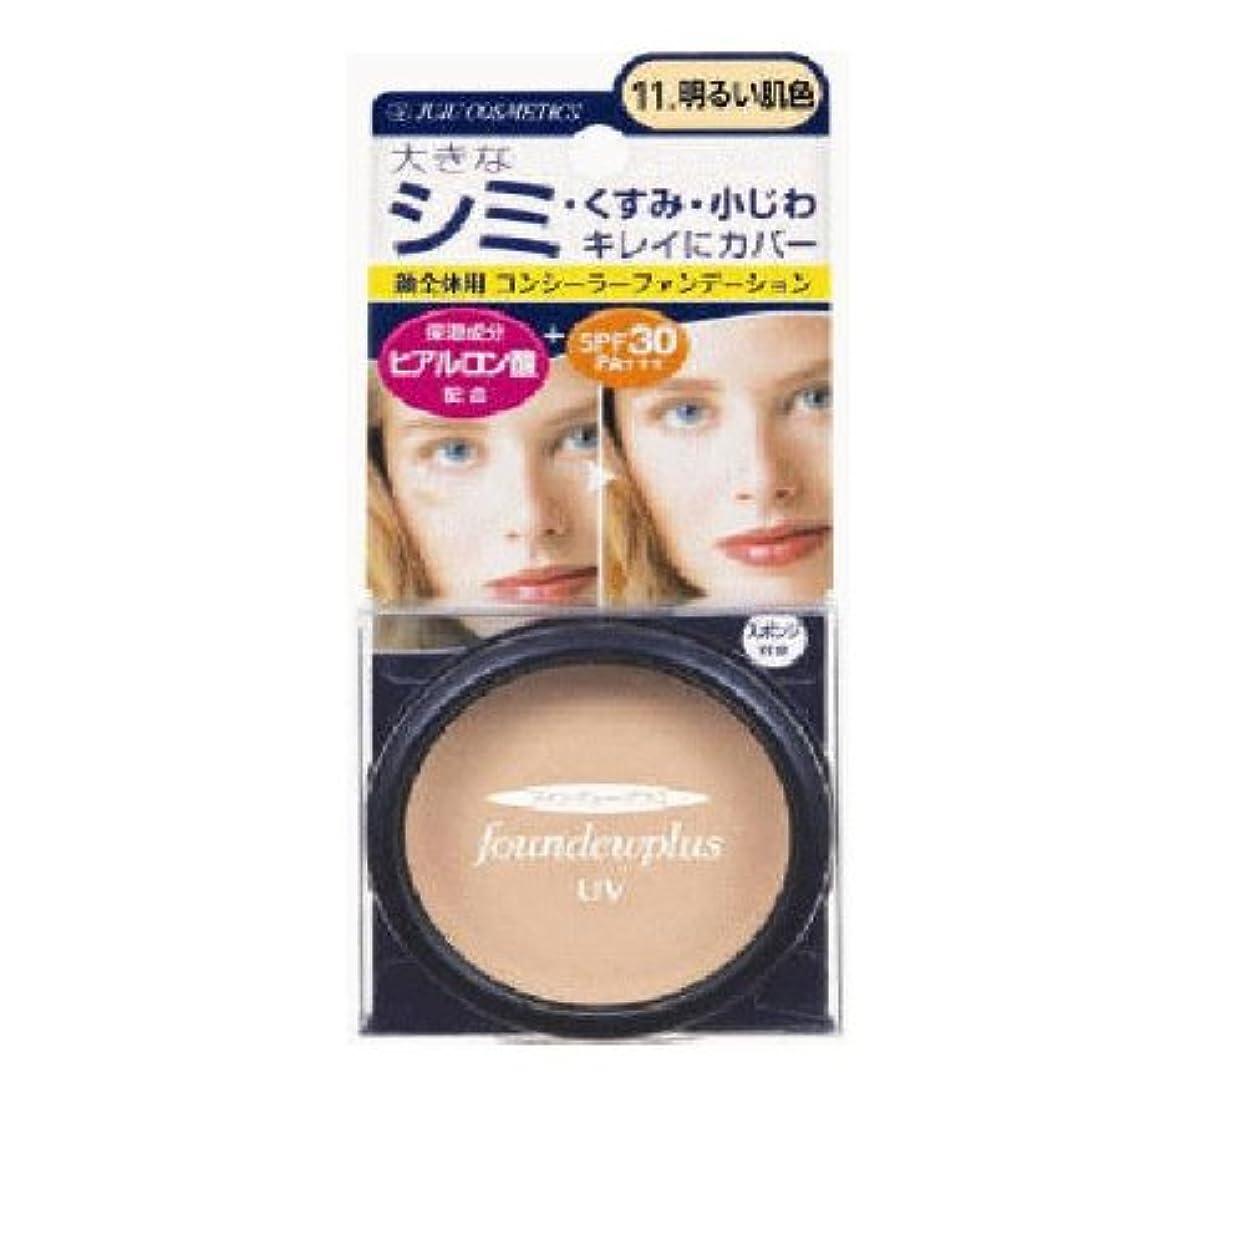 蜜部分的に白菜ファンデュープラスR UVコンシーラーファンデーション 11.明るい肌色